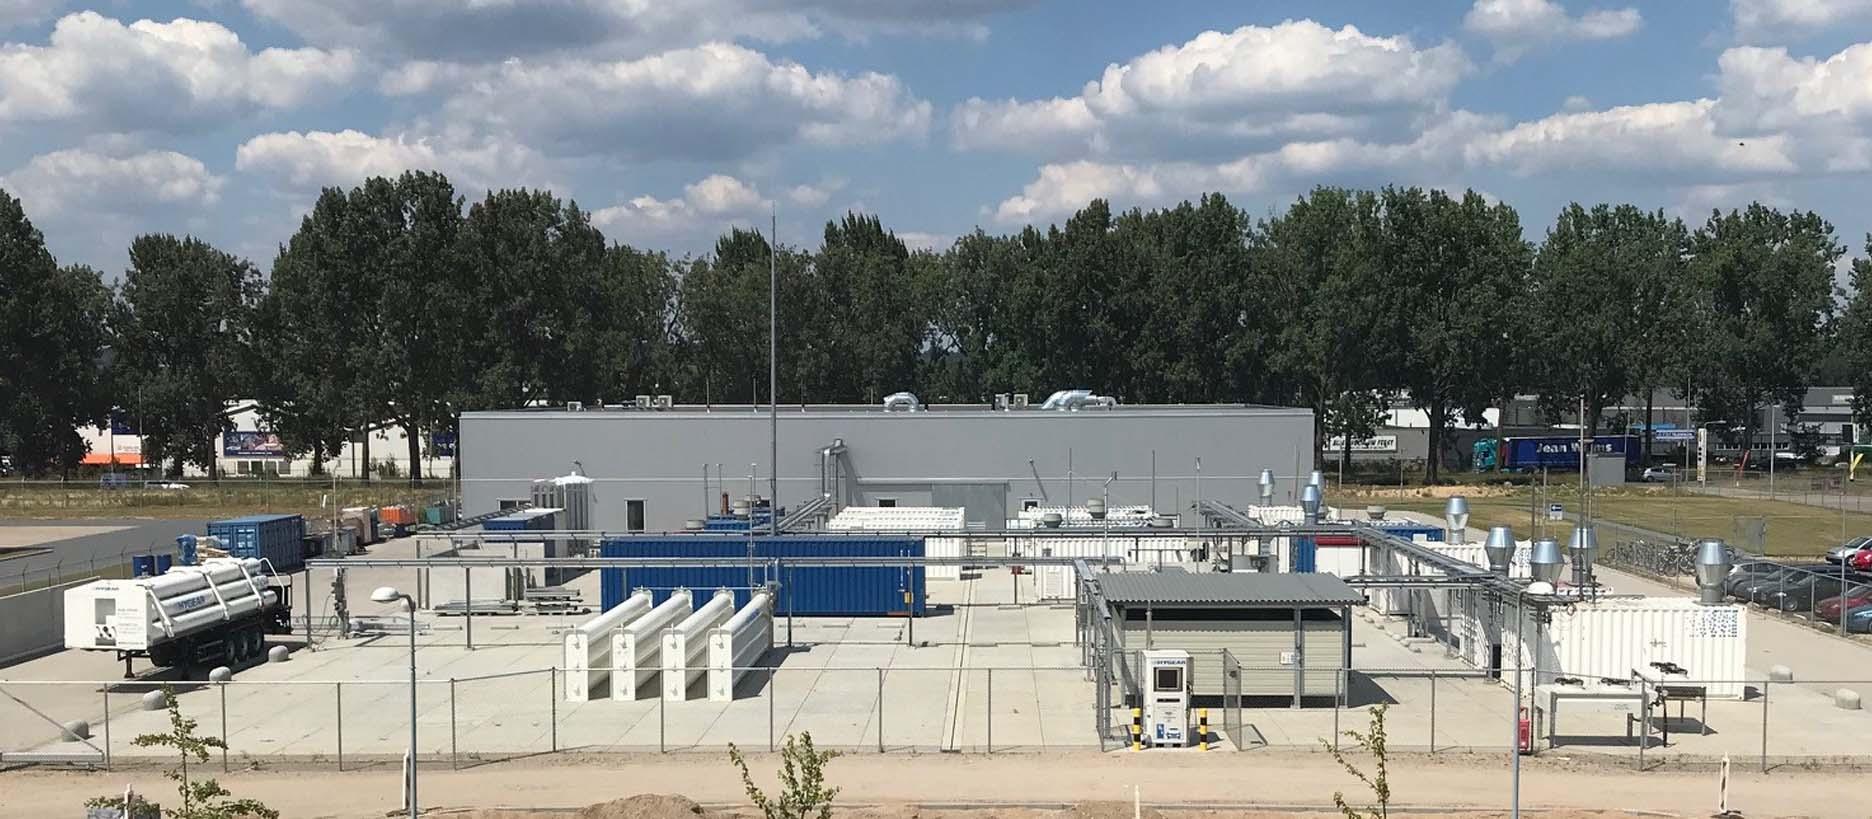 Arnhemse waterstofpionier HyGear gaat voor 82 miljoen euro over in Canadese handen